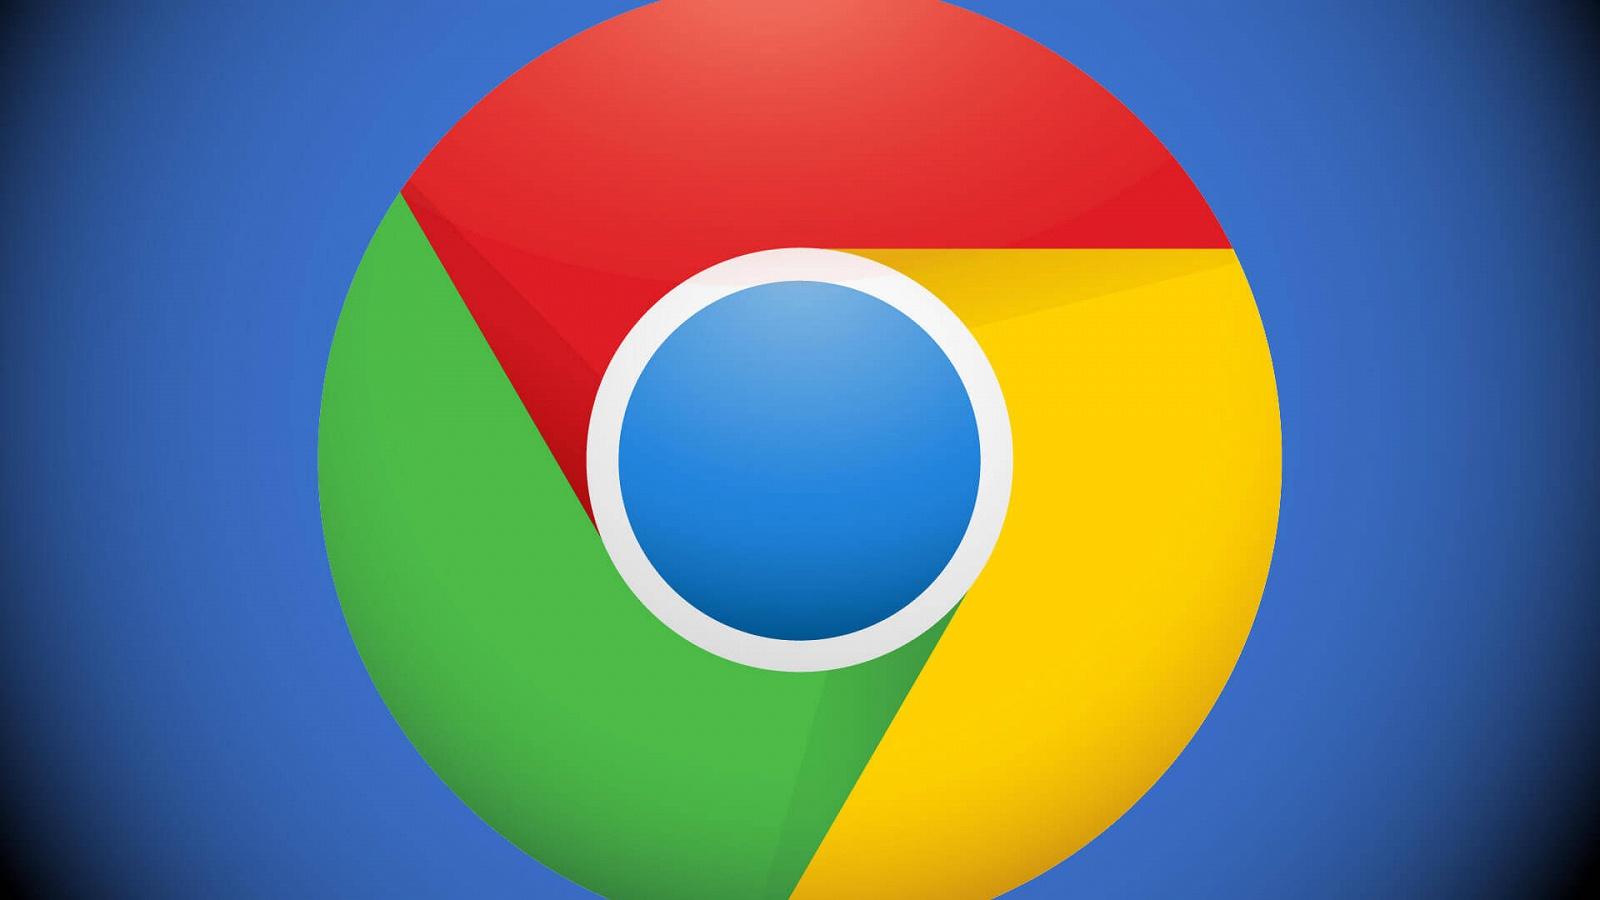 Обновление от Google Chrome, которое появится в ближайшее время, разочарует пользователей